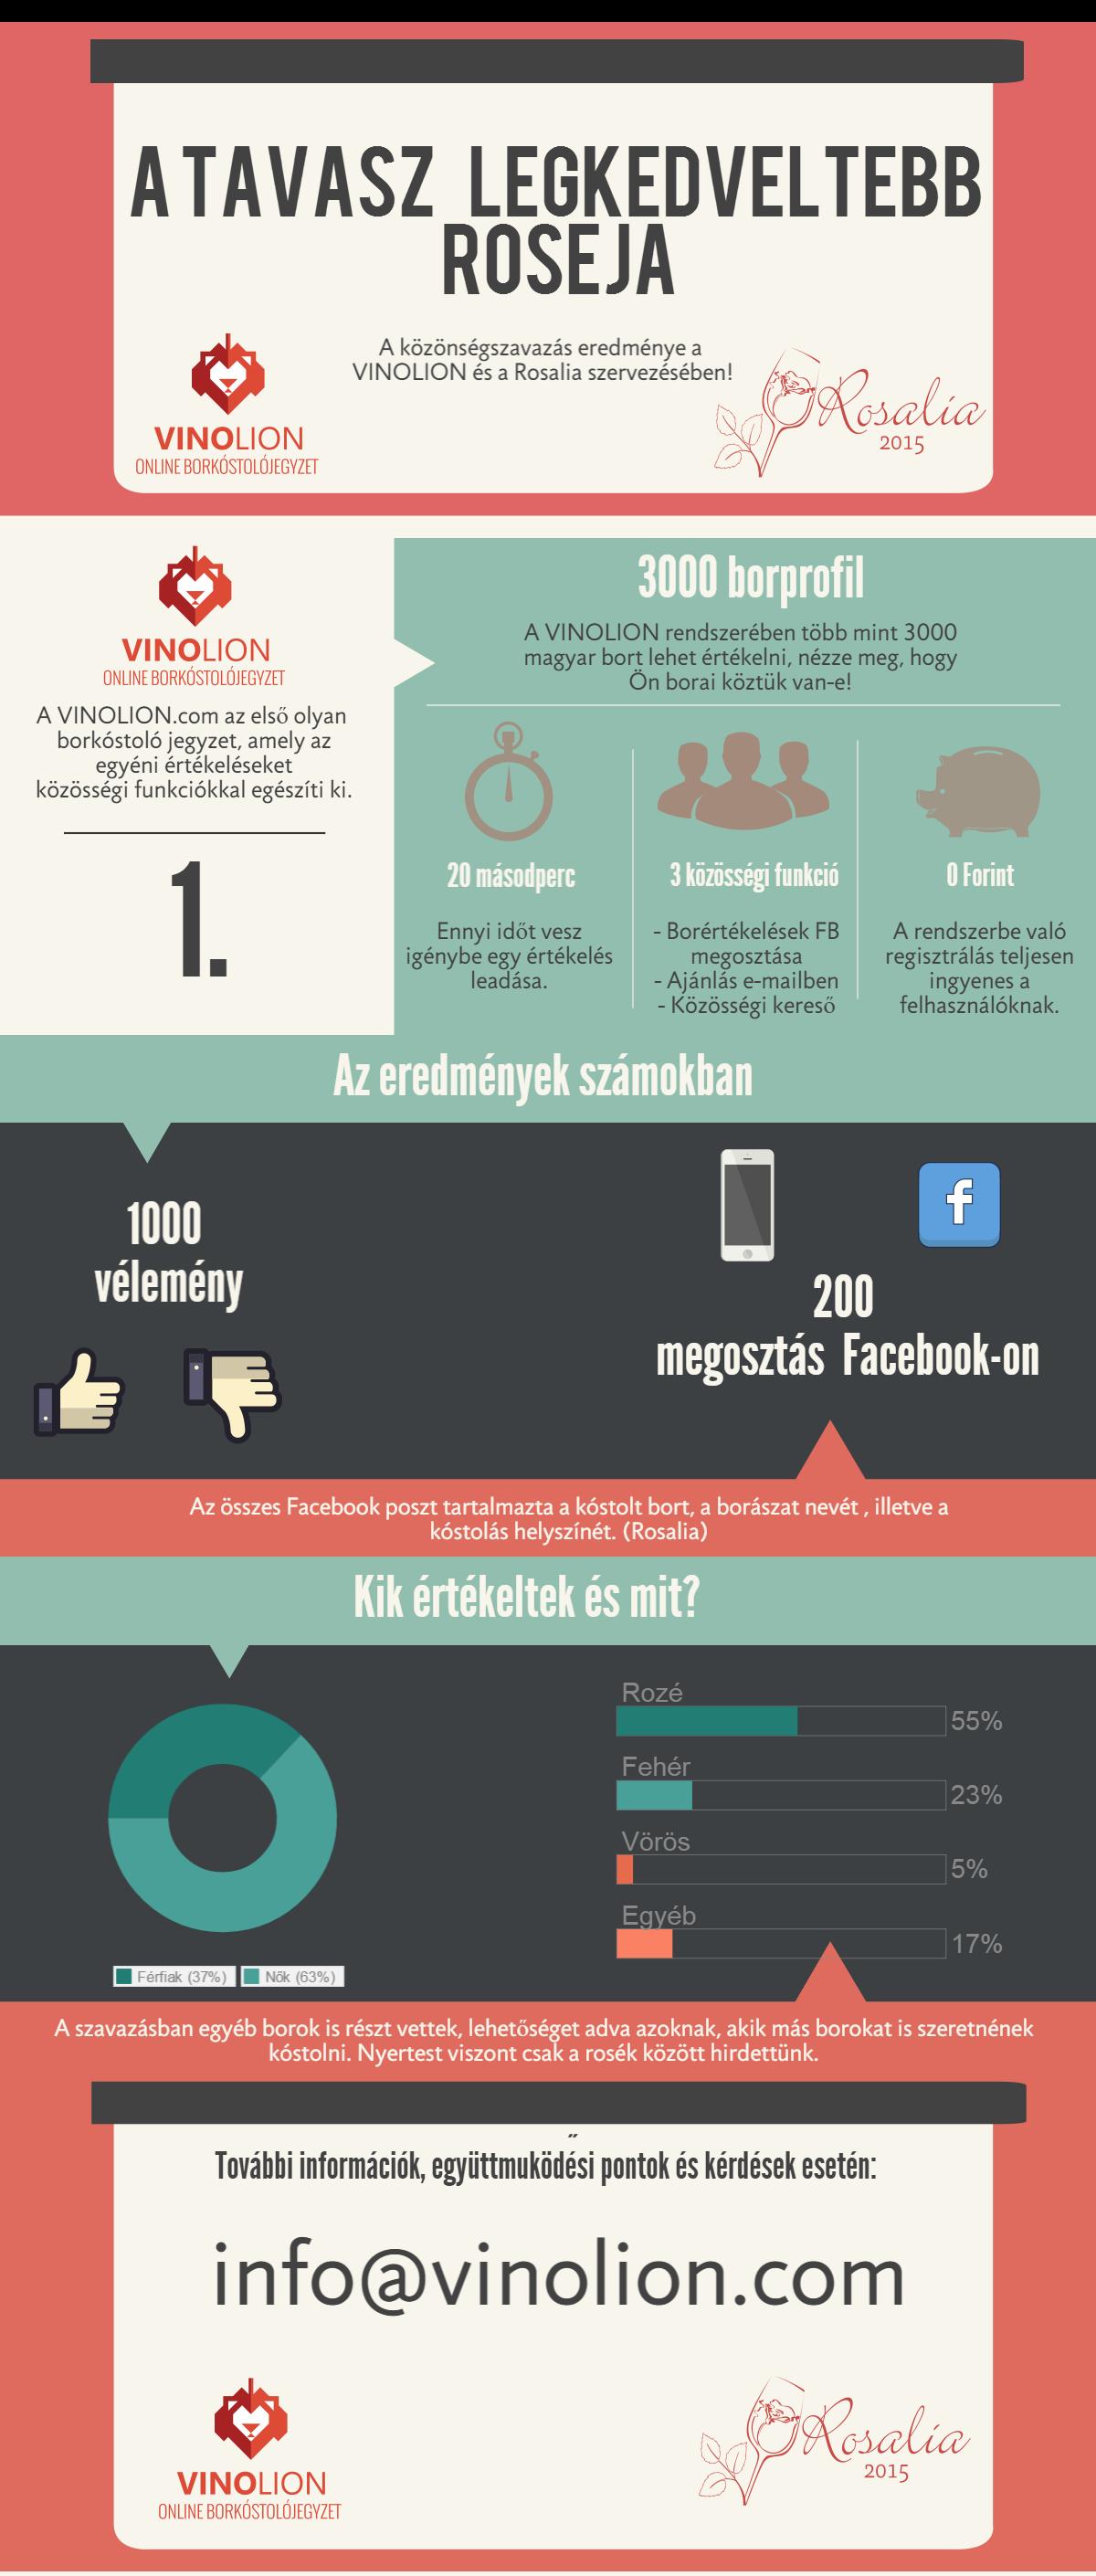 RosaliaFesztival_Vinolion_infografika